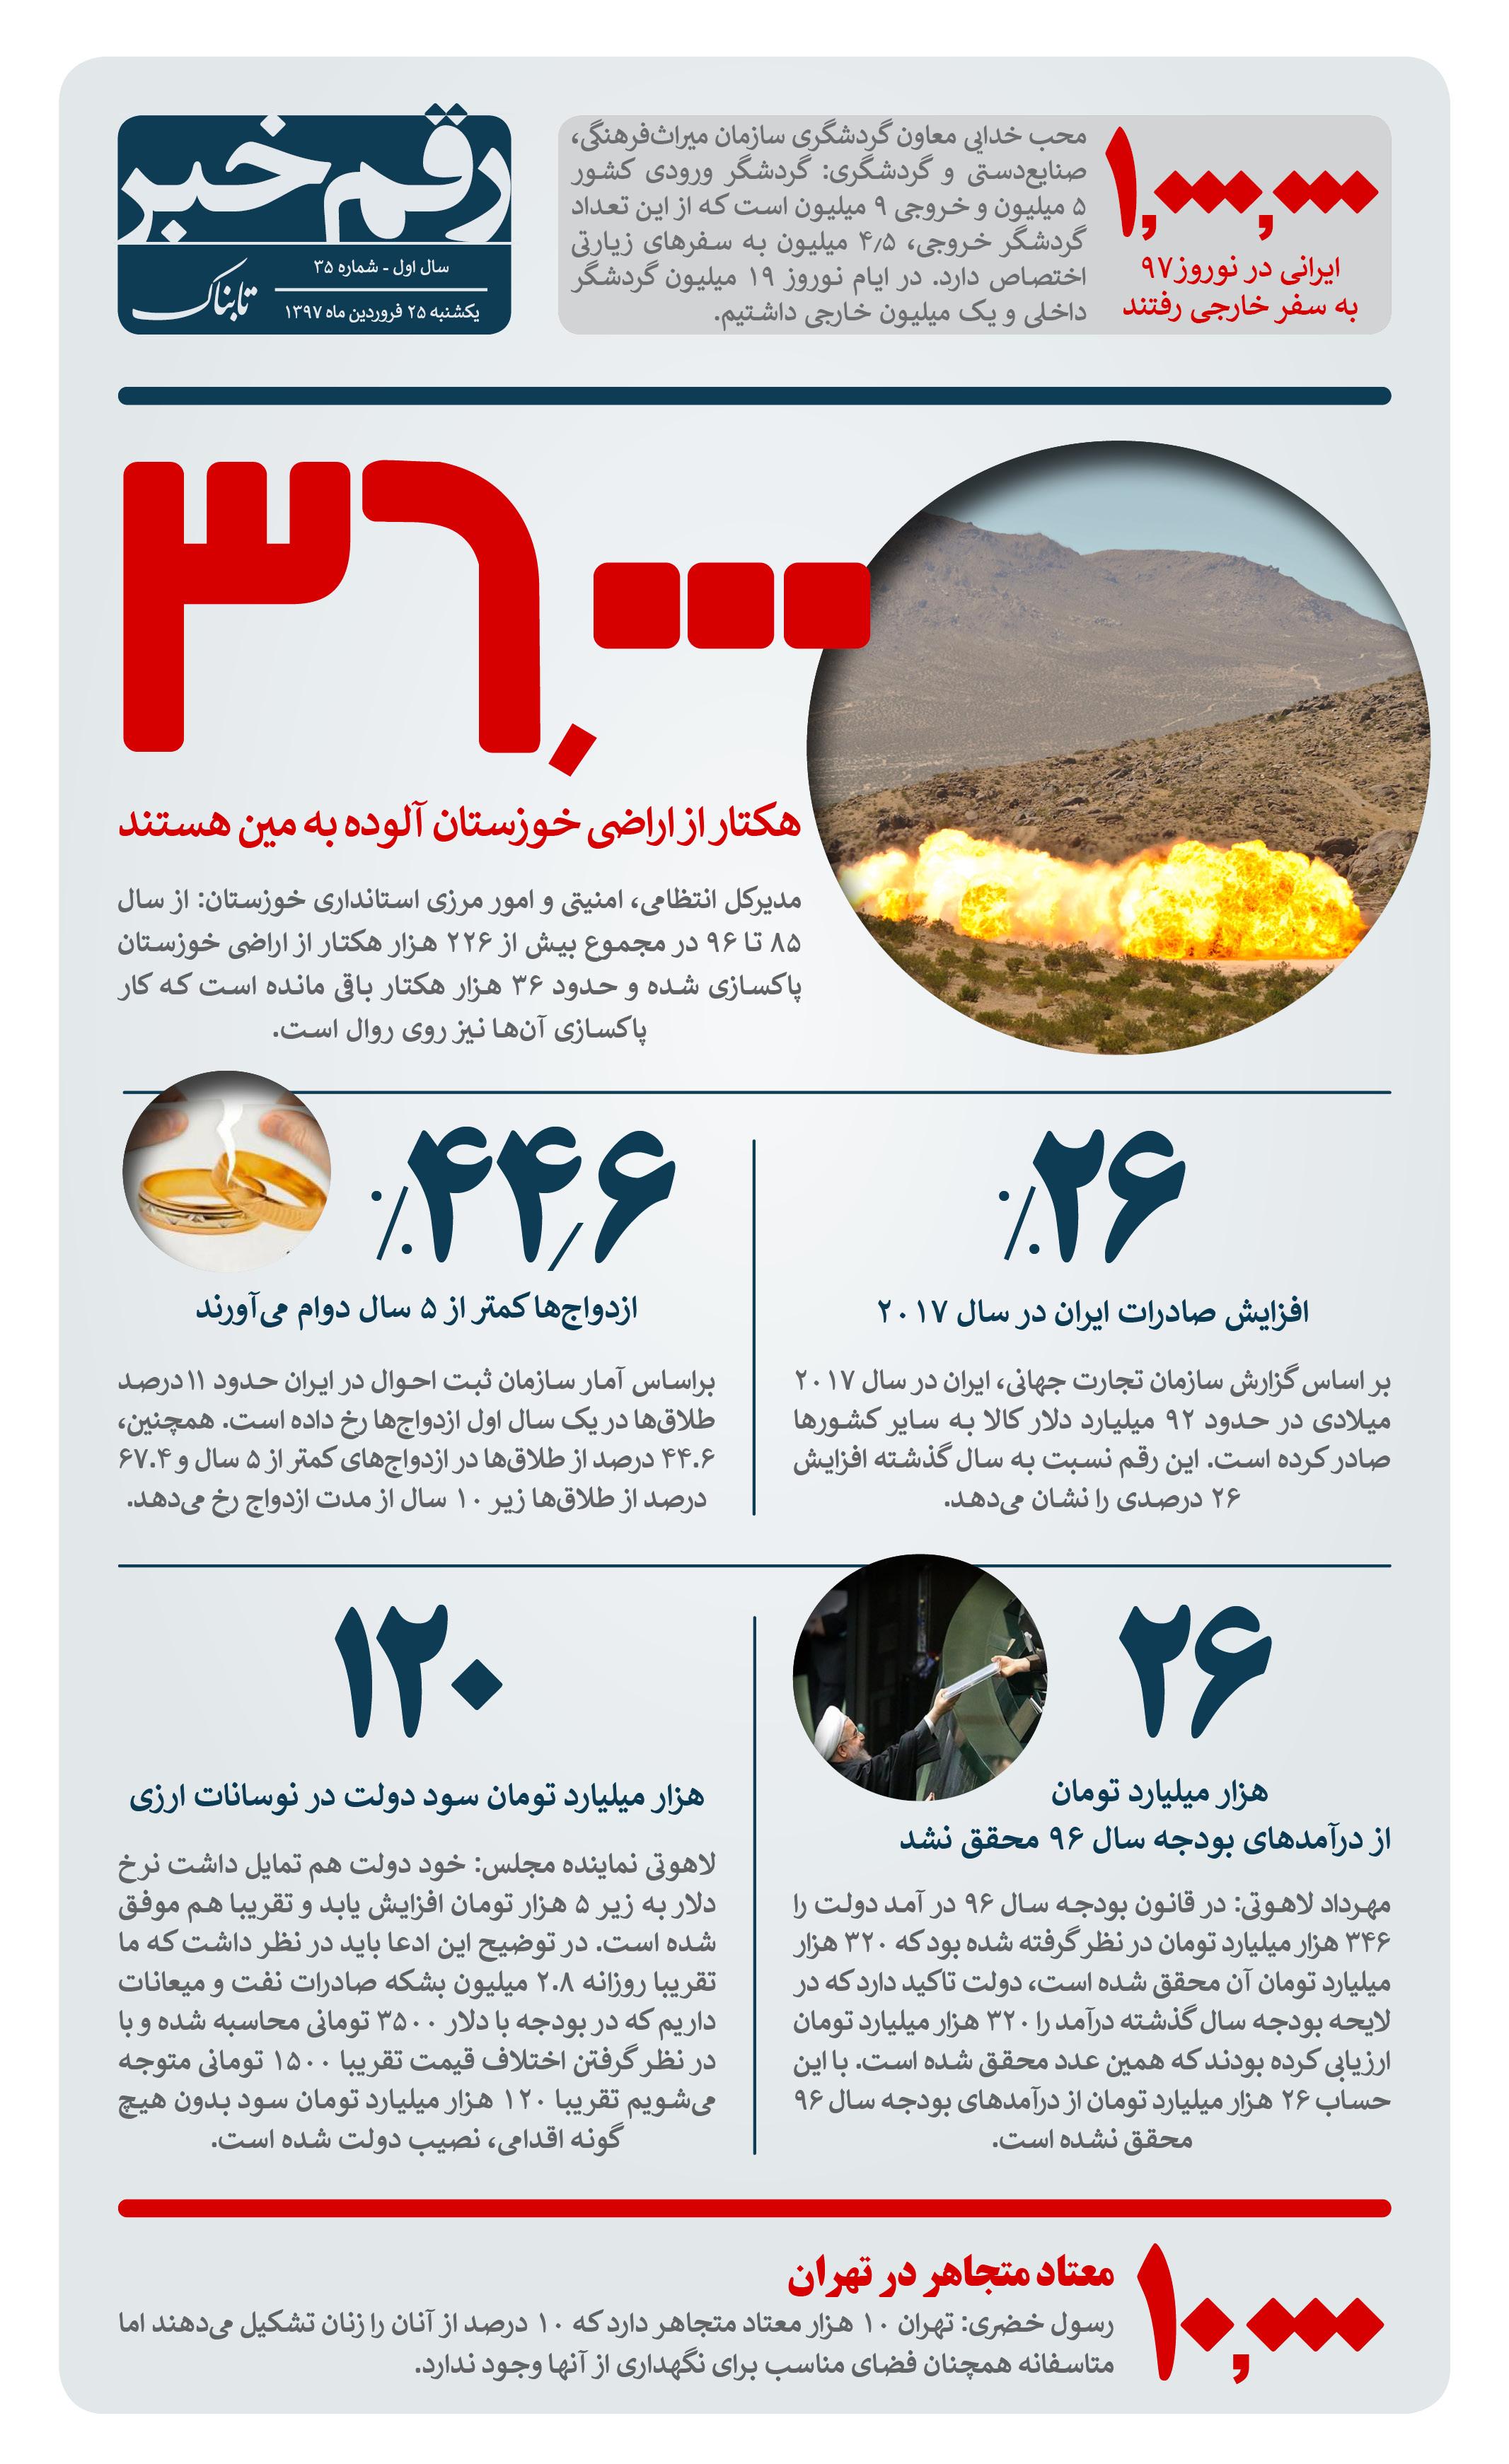 رقم خبر: آماری از اراضی آلوده به مین در خوزستان